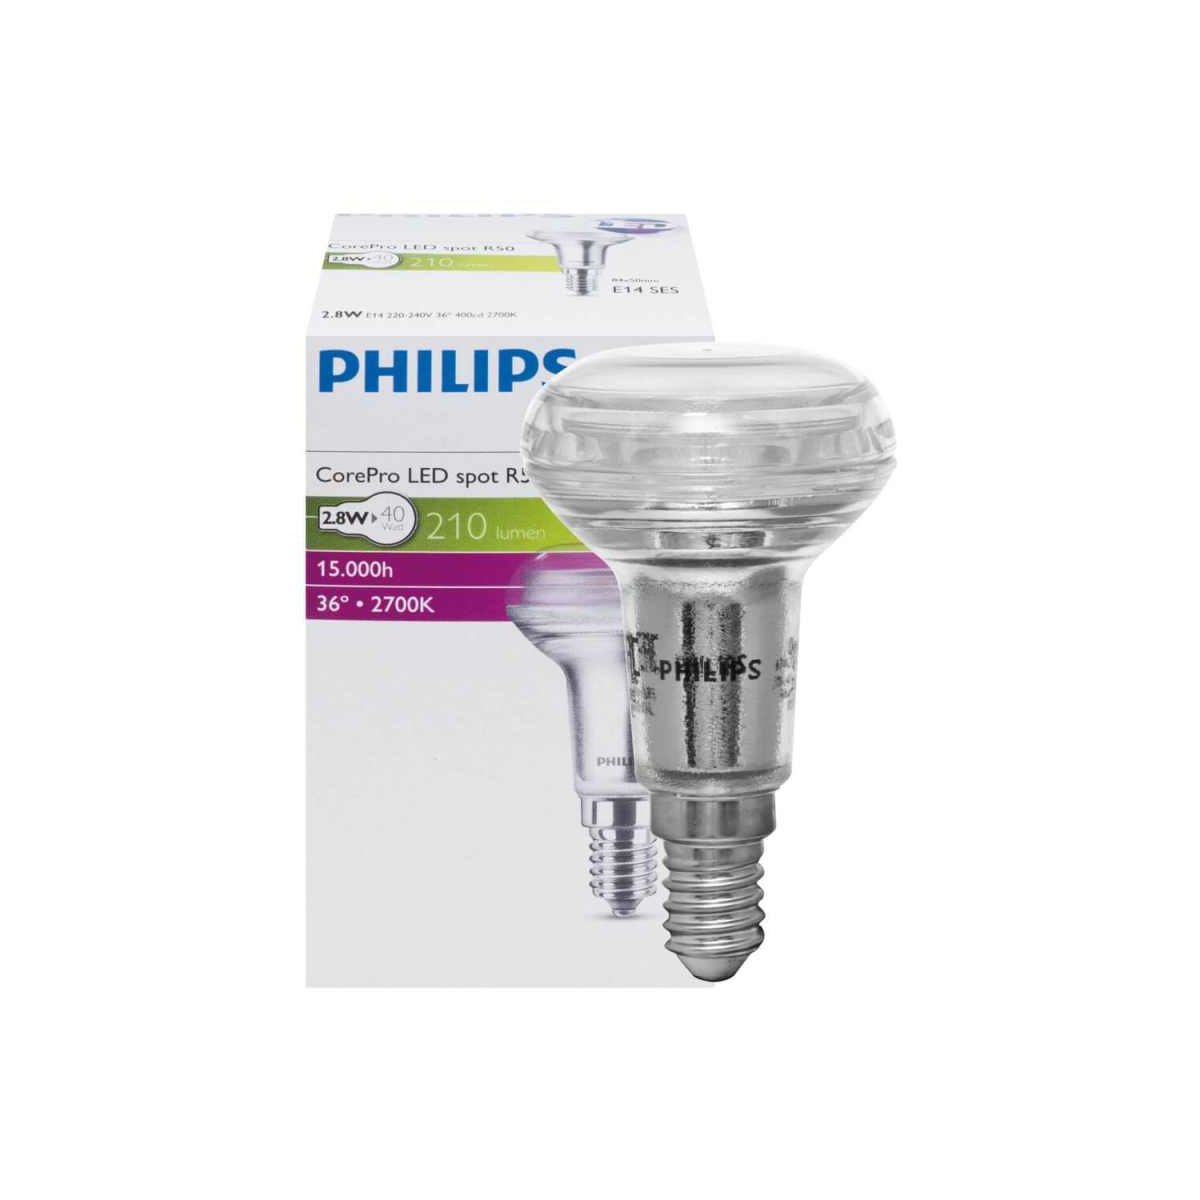 led reflektorlampe r50 e14 corepro 2 9w 230lm 2700k ee. Black Bedroom Furniture Sets. Home Design Ideas